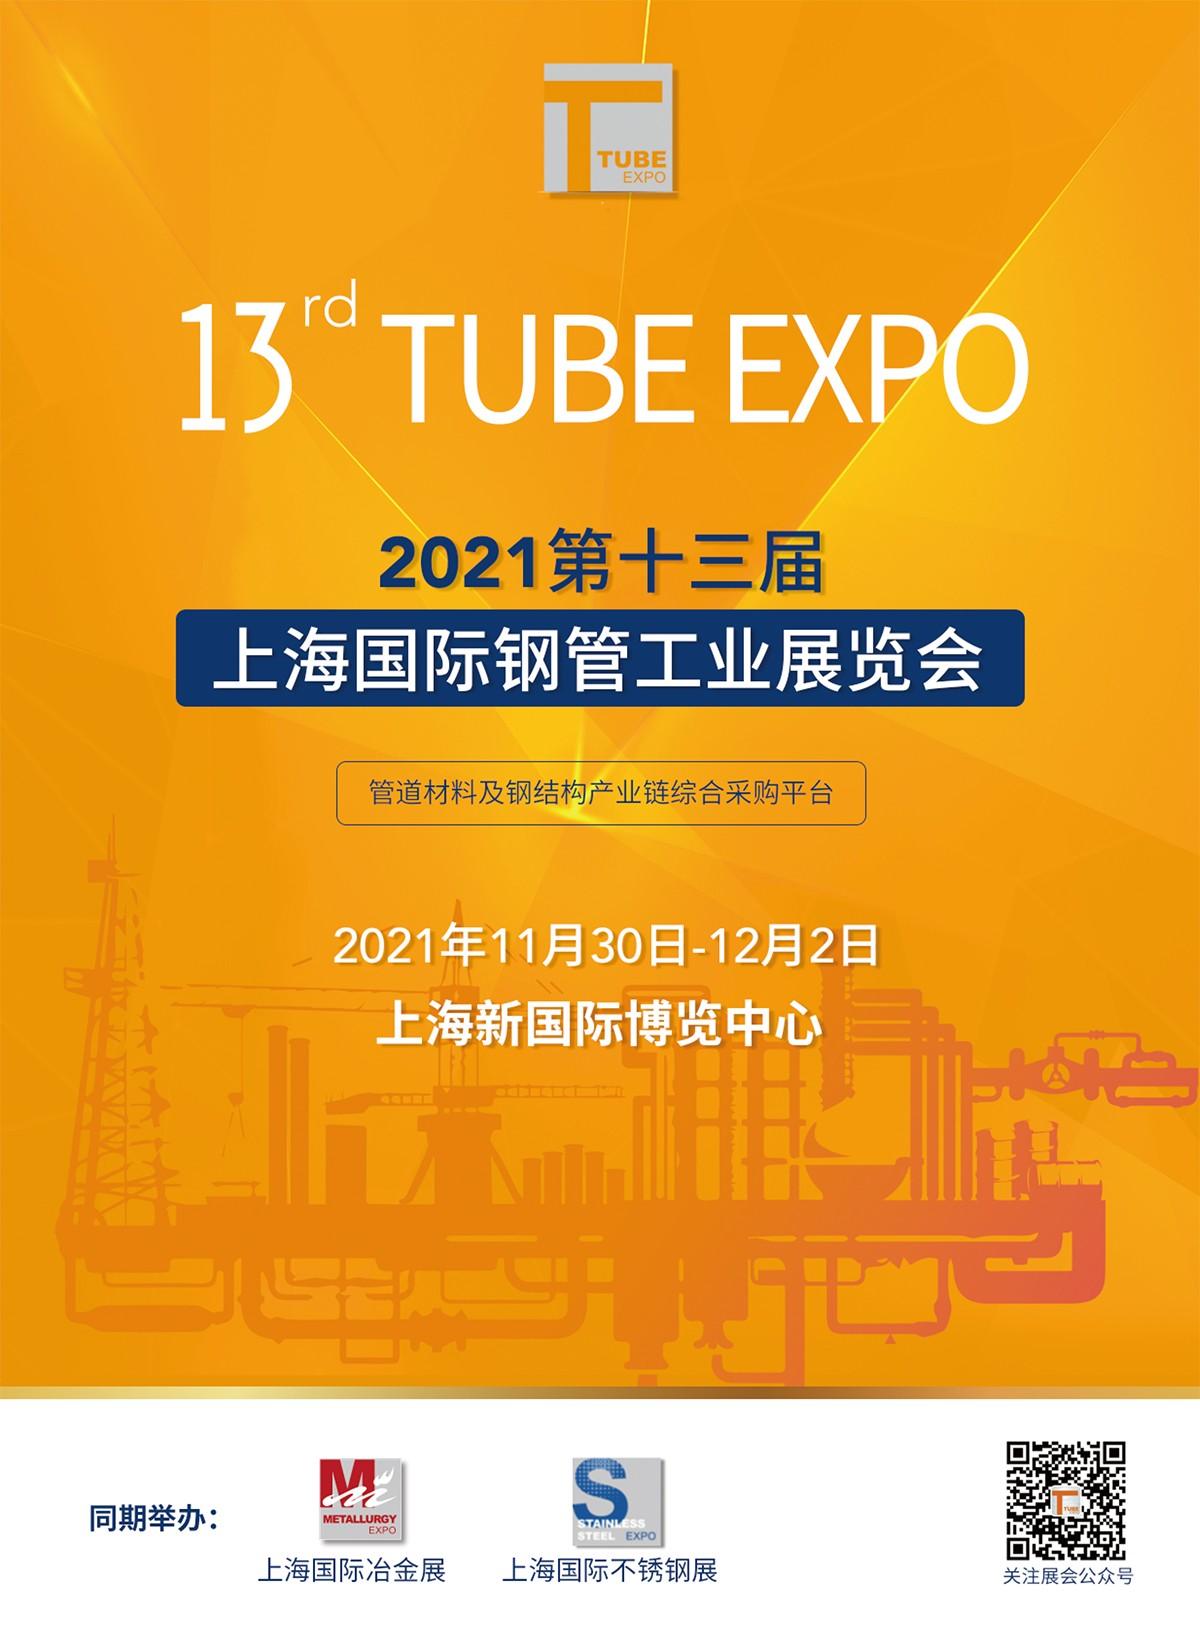 1_2021上海国际钢管工业展览会-1.jpg